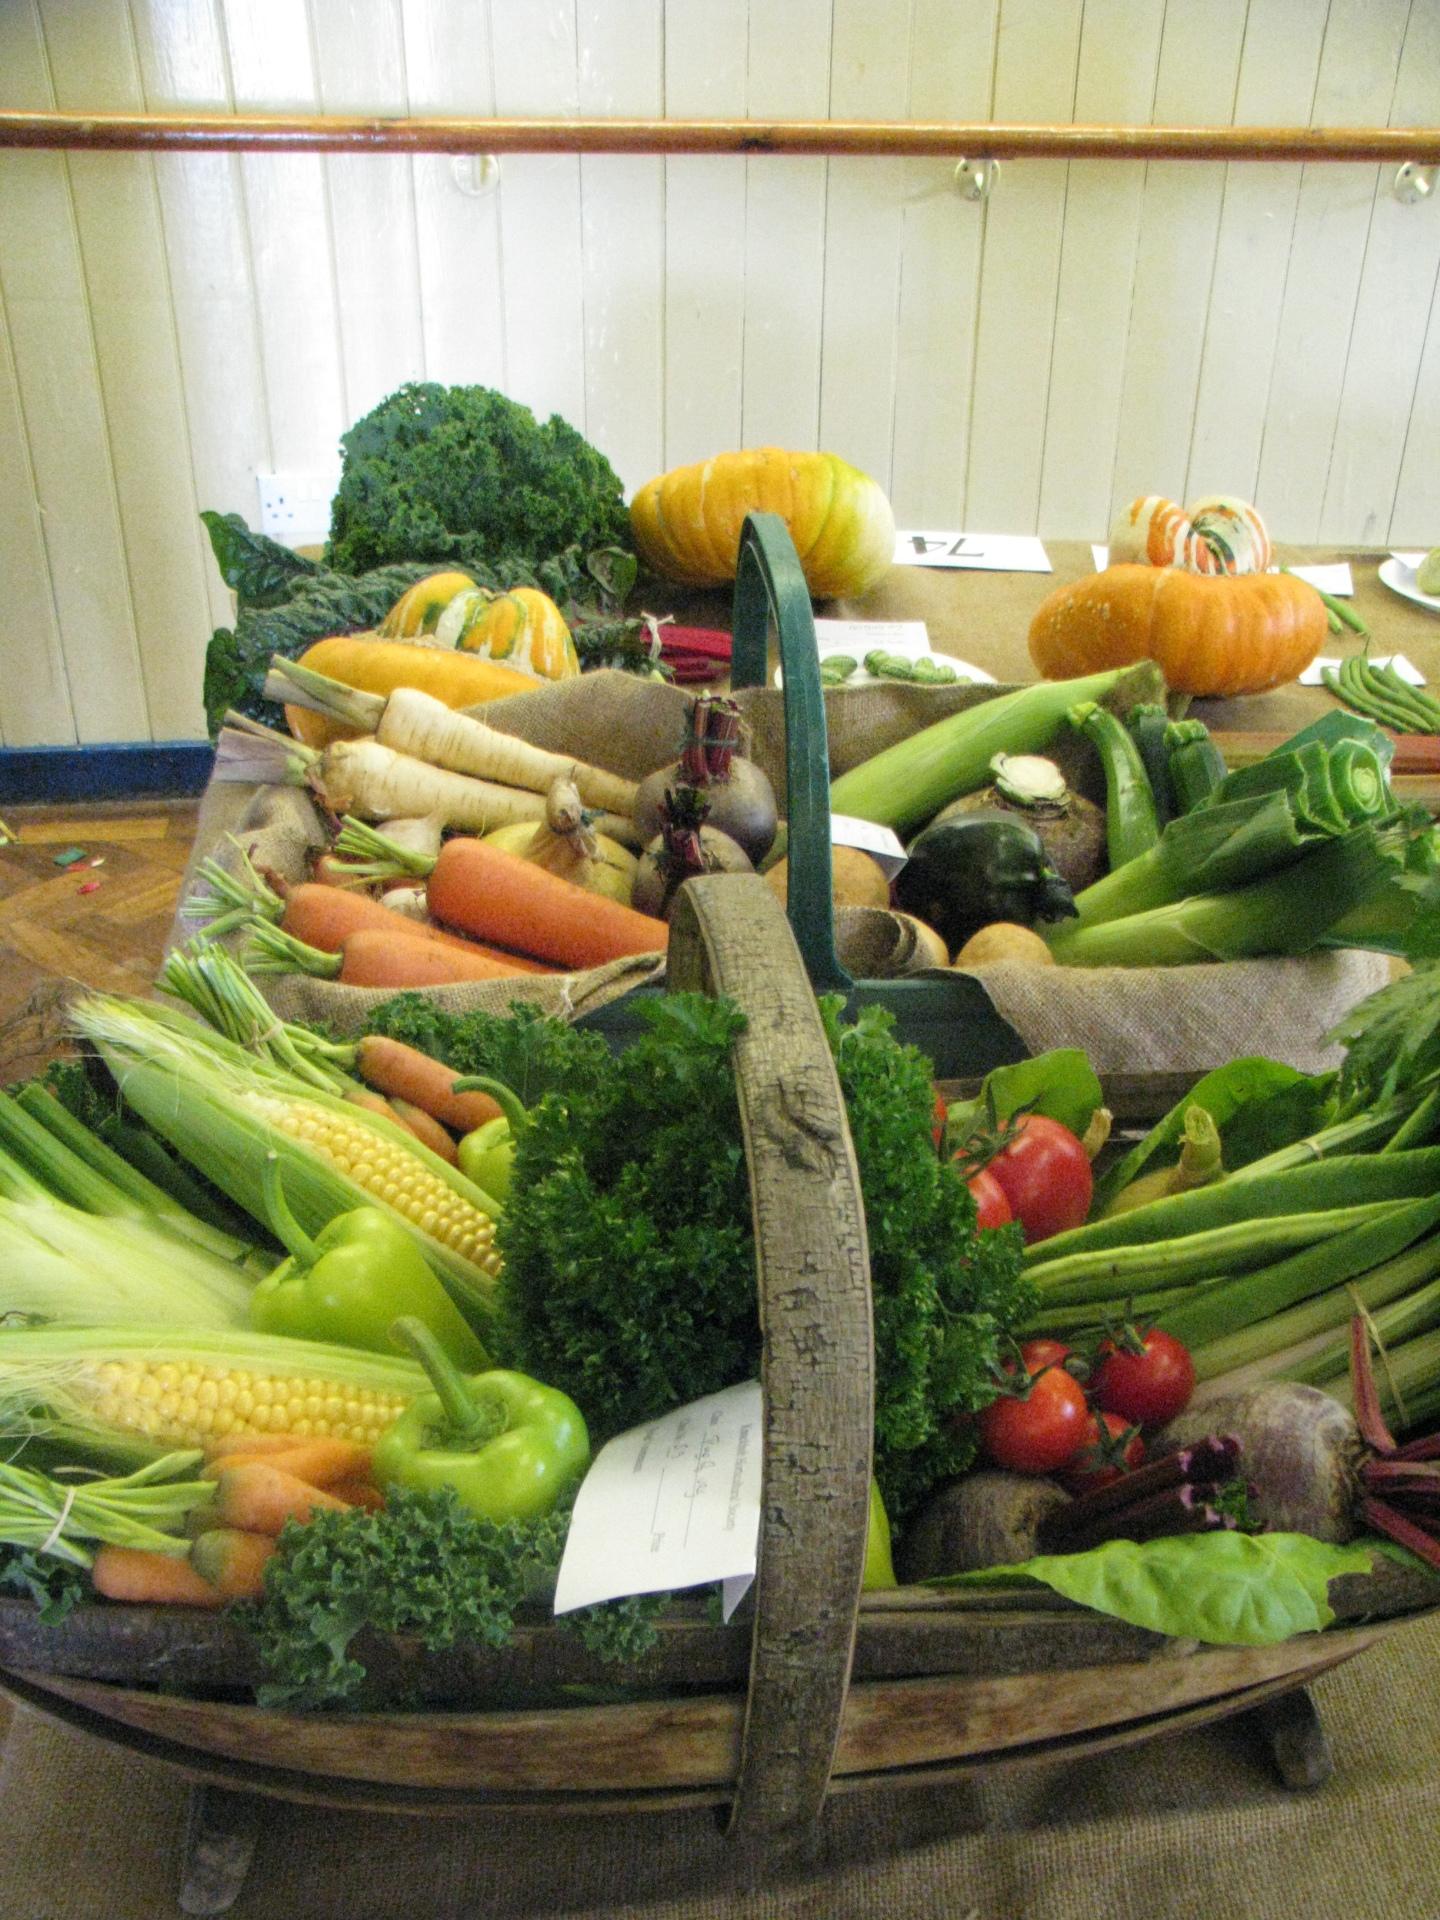 Knockholt Horticultural Society